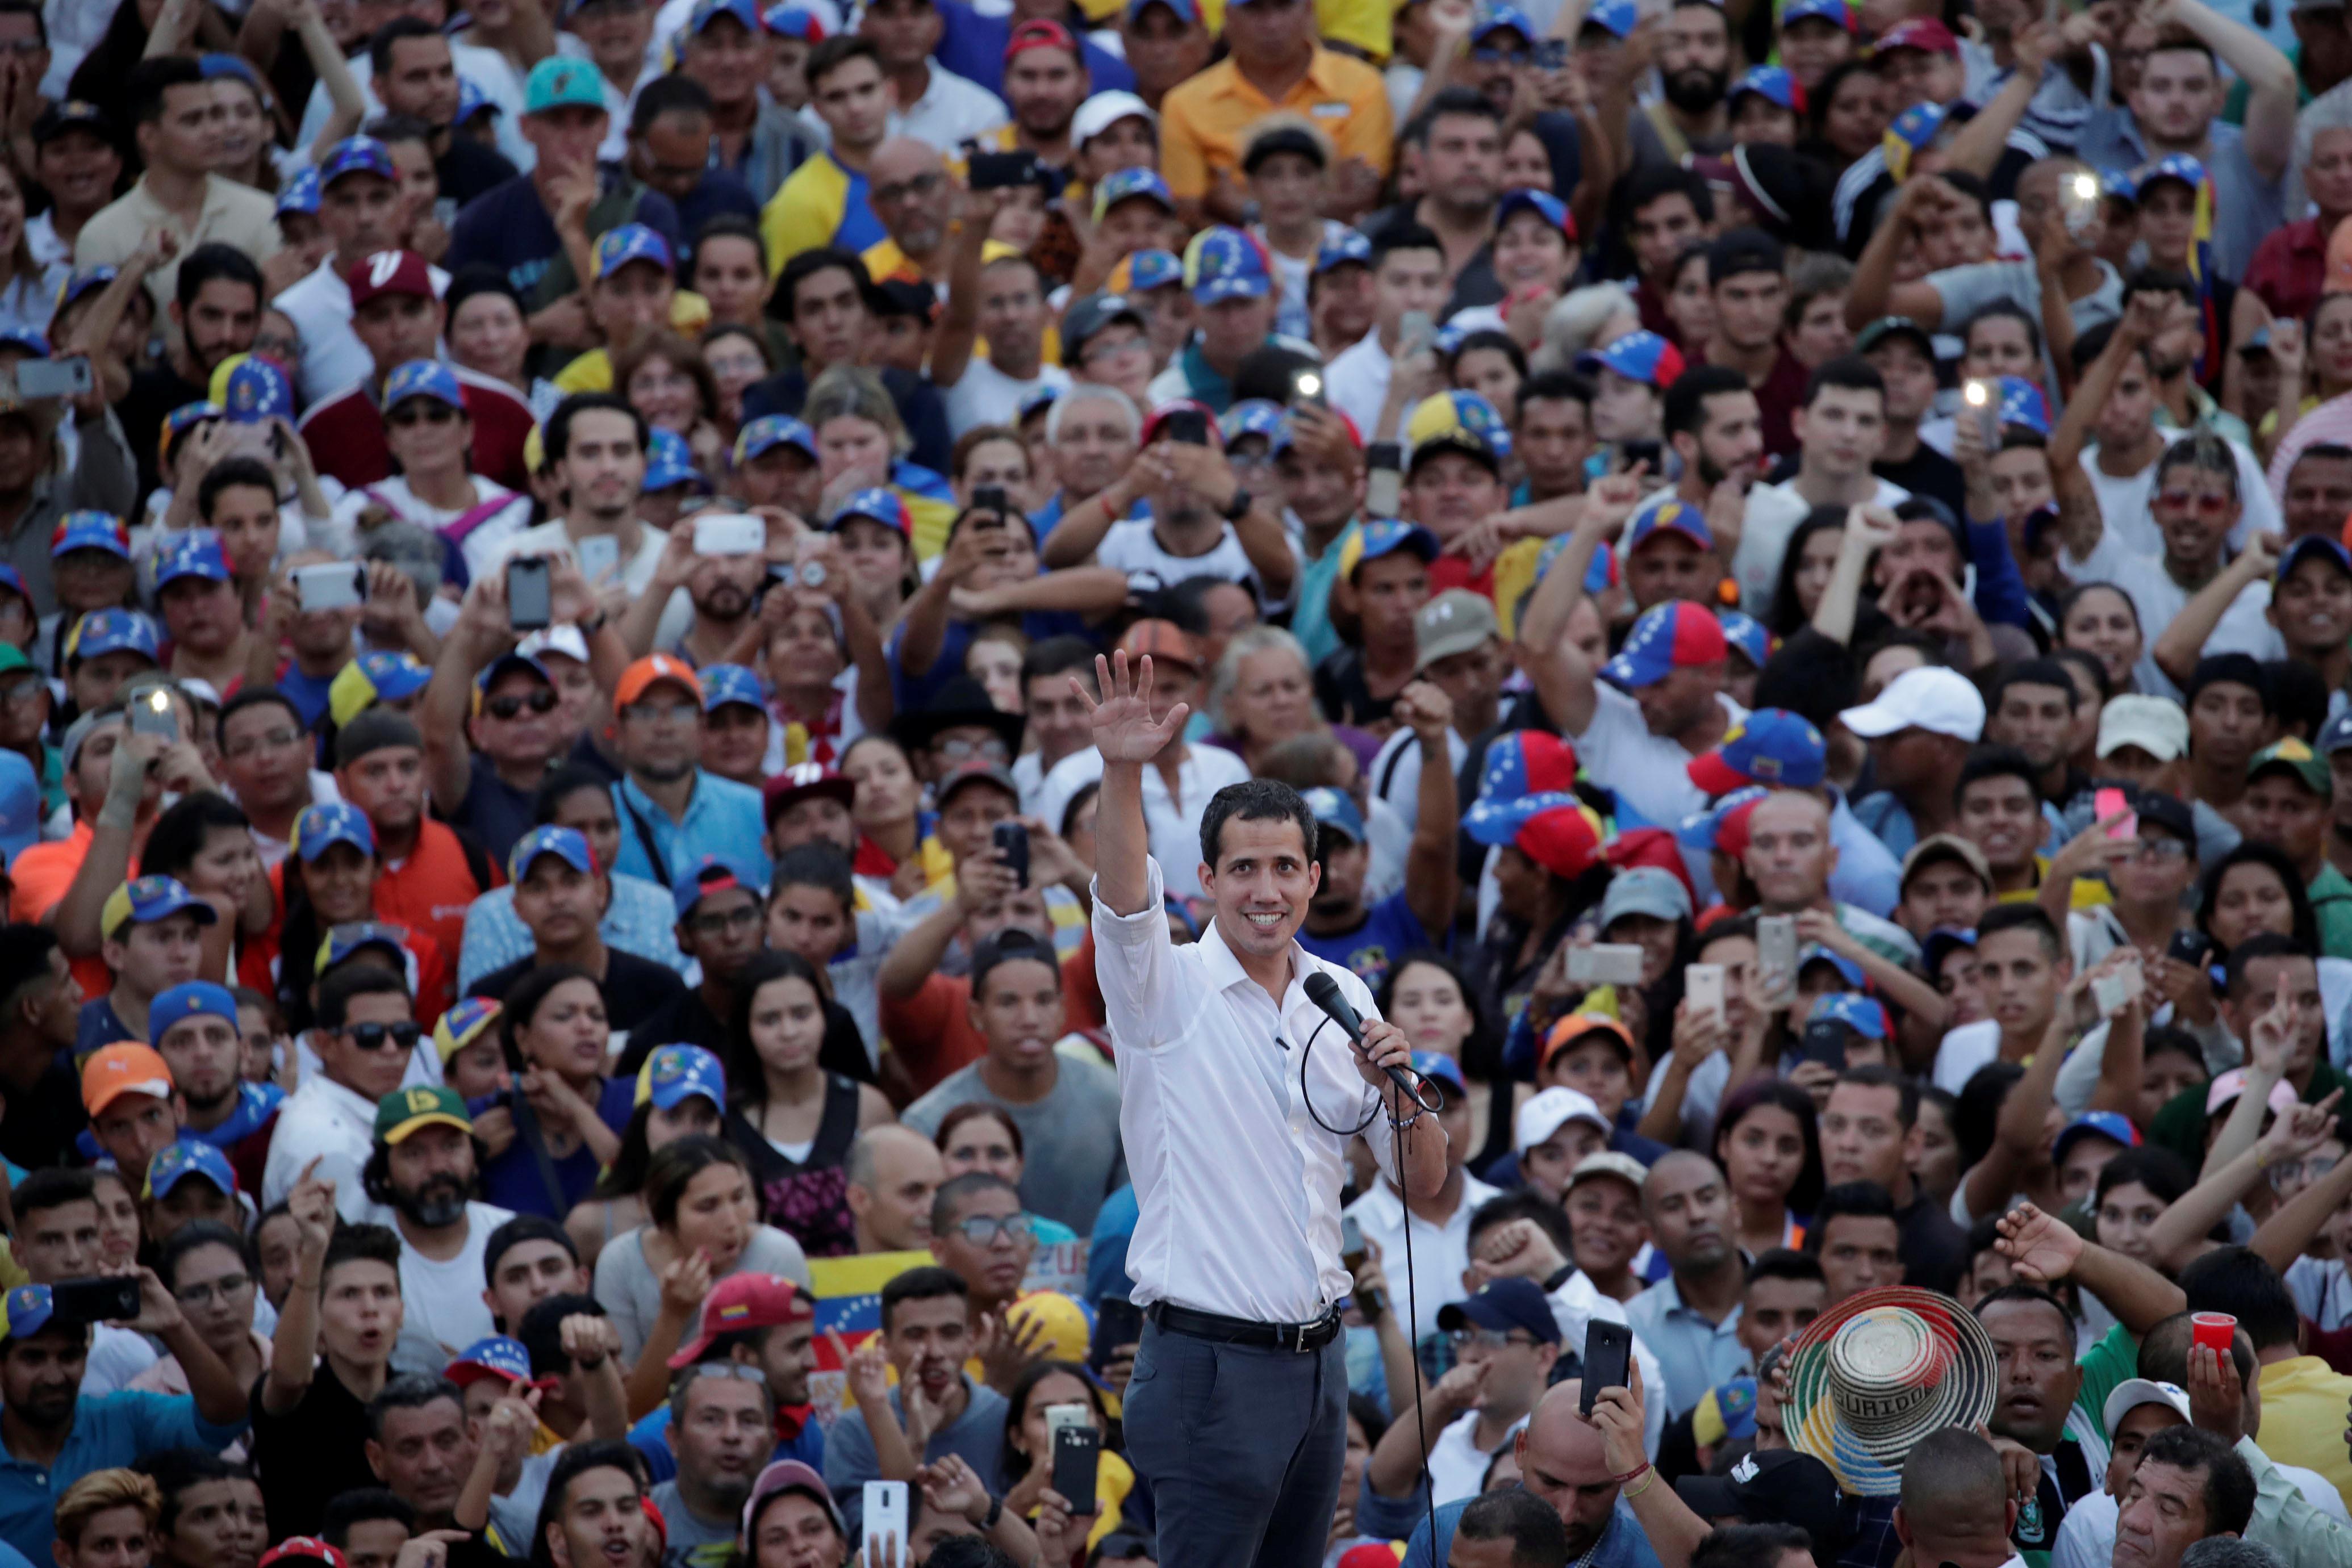 زعيم المعارضة الفنزويلية جوايدو يشارك في مظاهرة خلال زيارته لماراكايبو 4